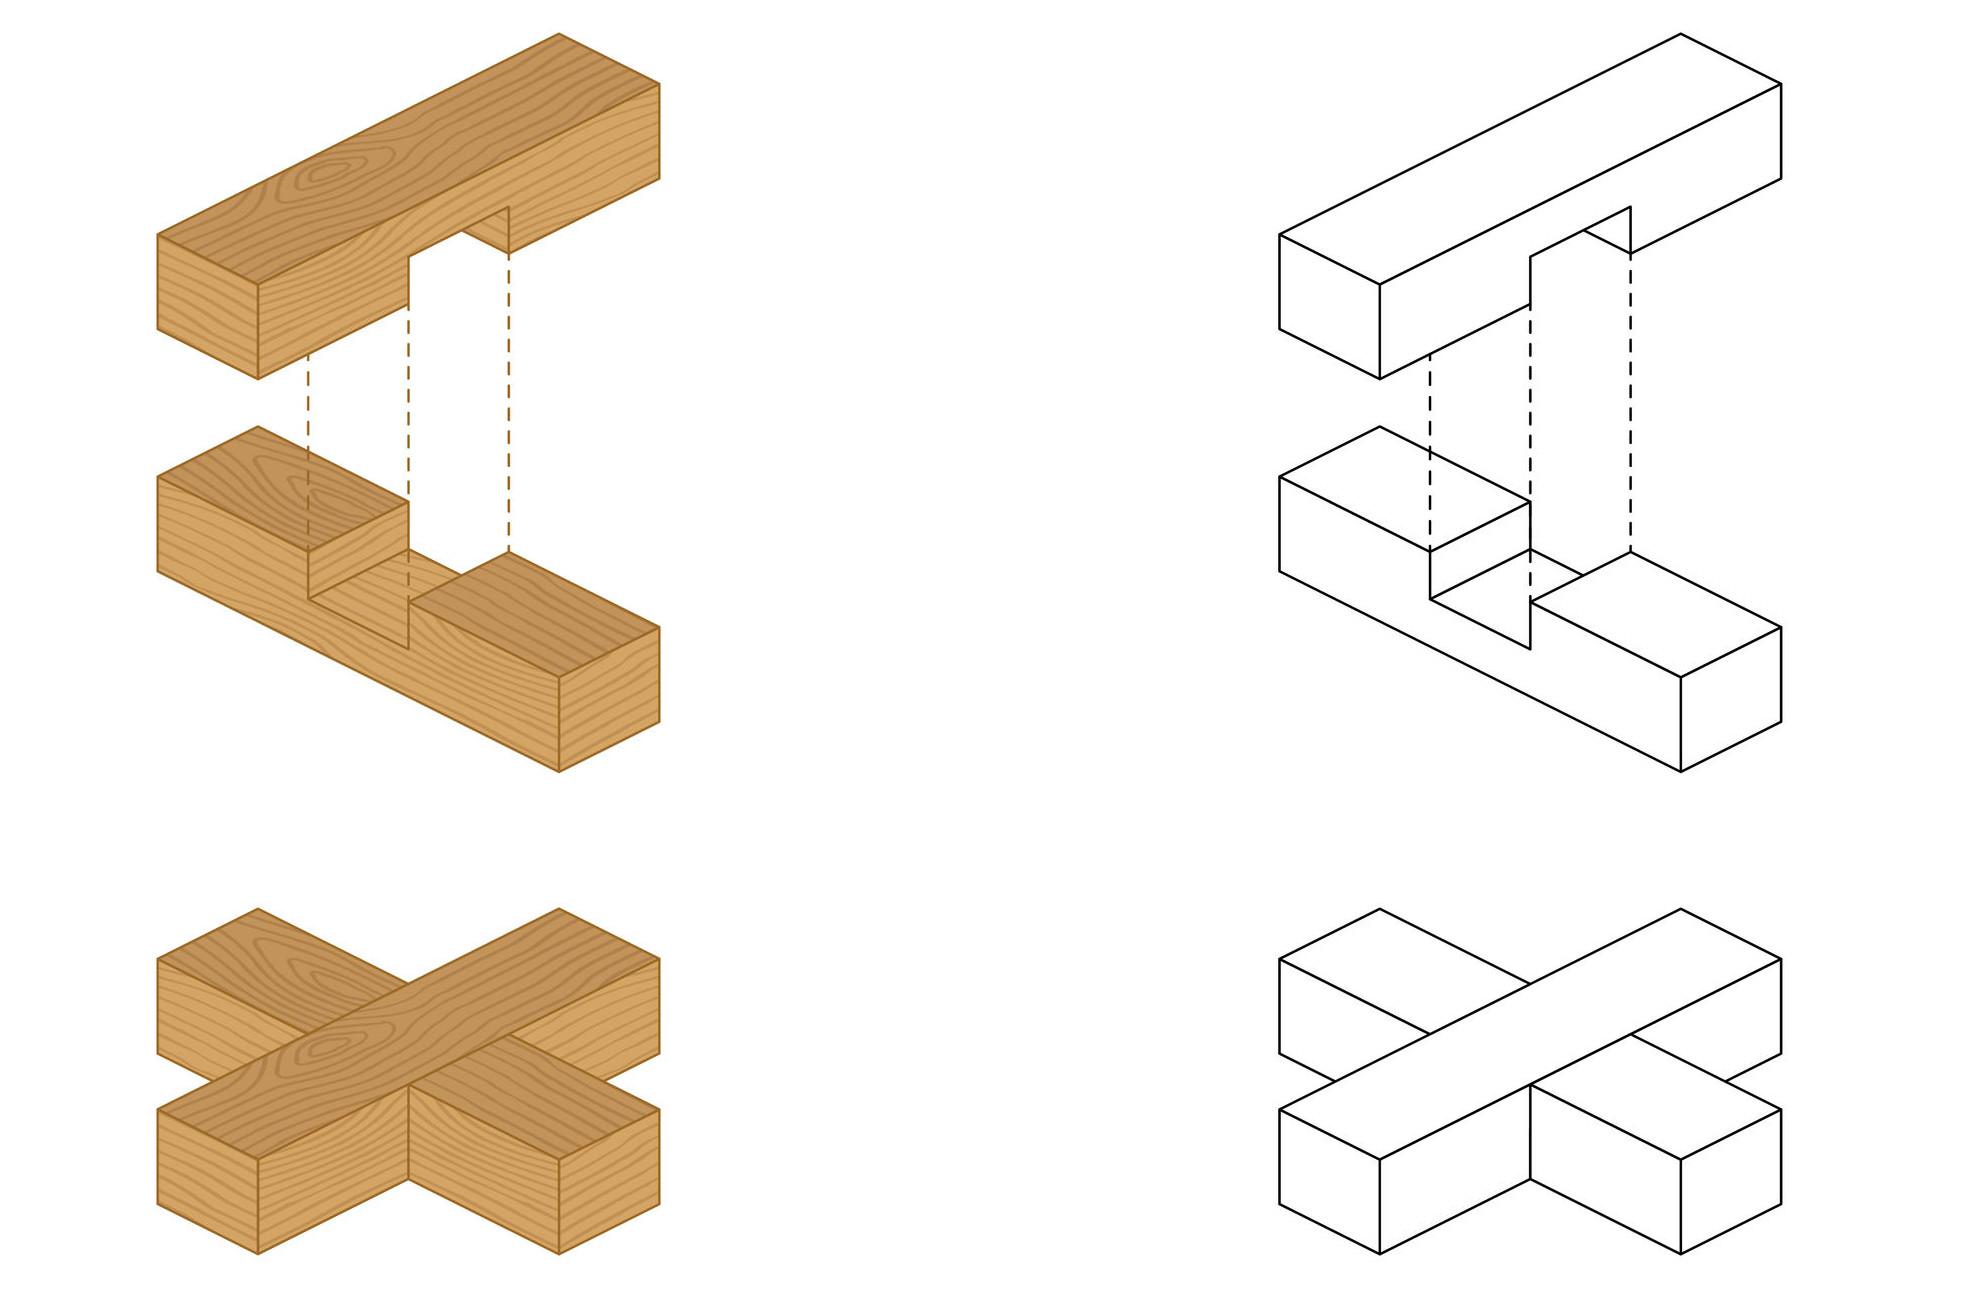 Der ultimative ratgeber f r holzverbindungen rosentaler for Holzverbindungen herstellen